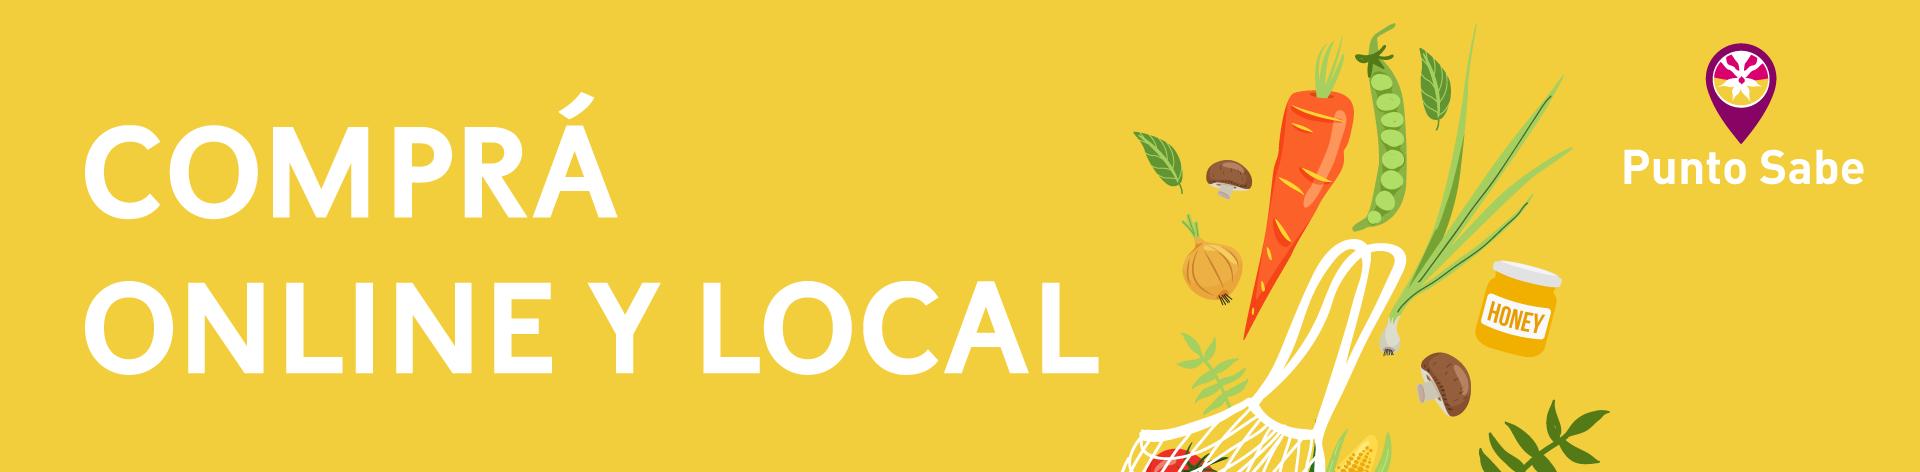 Tienda online de productos agroecológicos